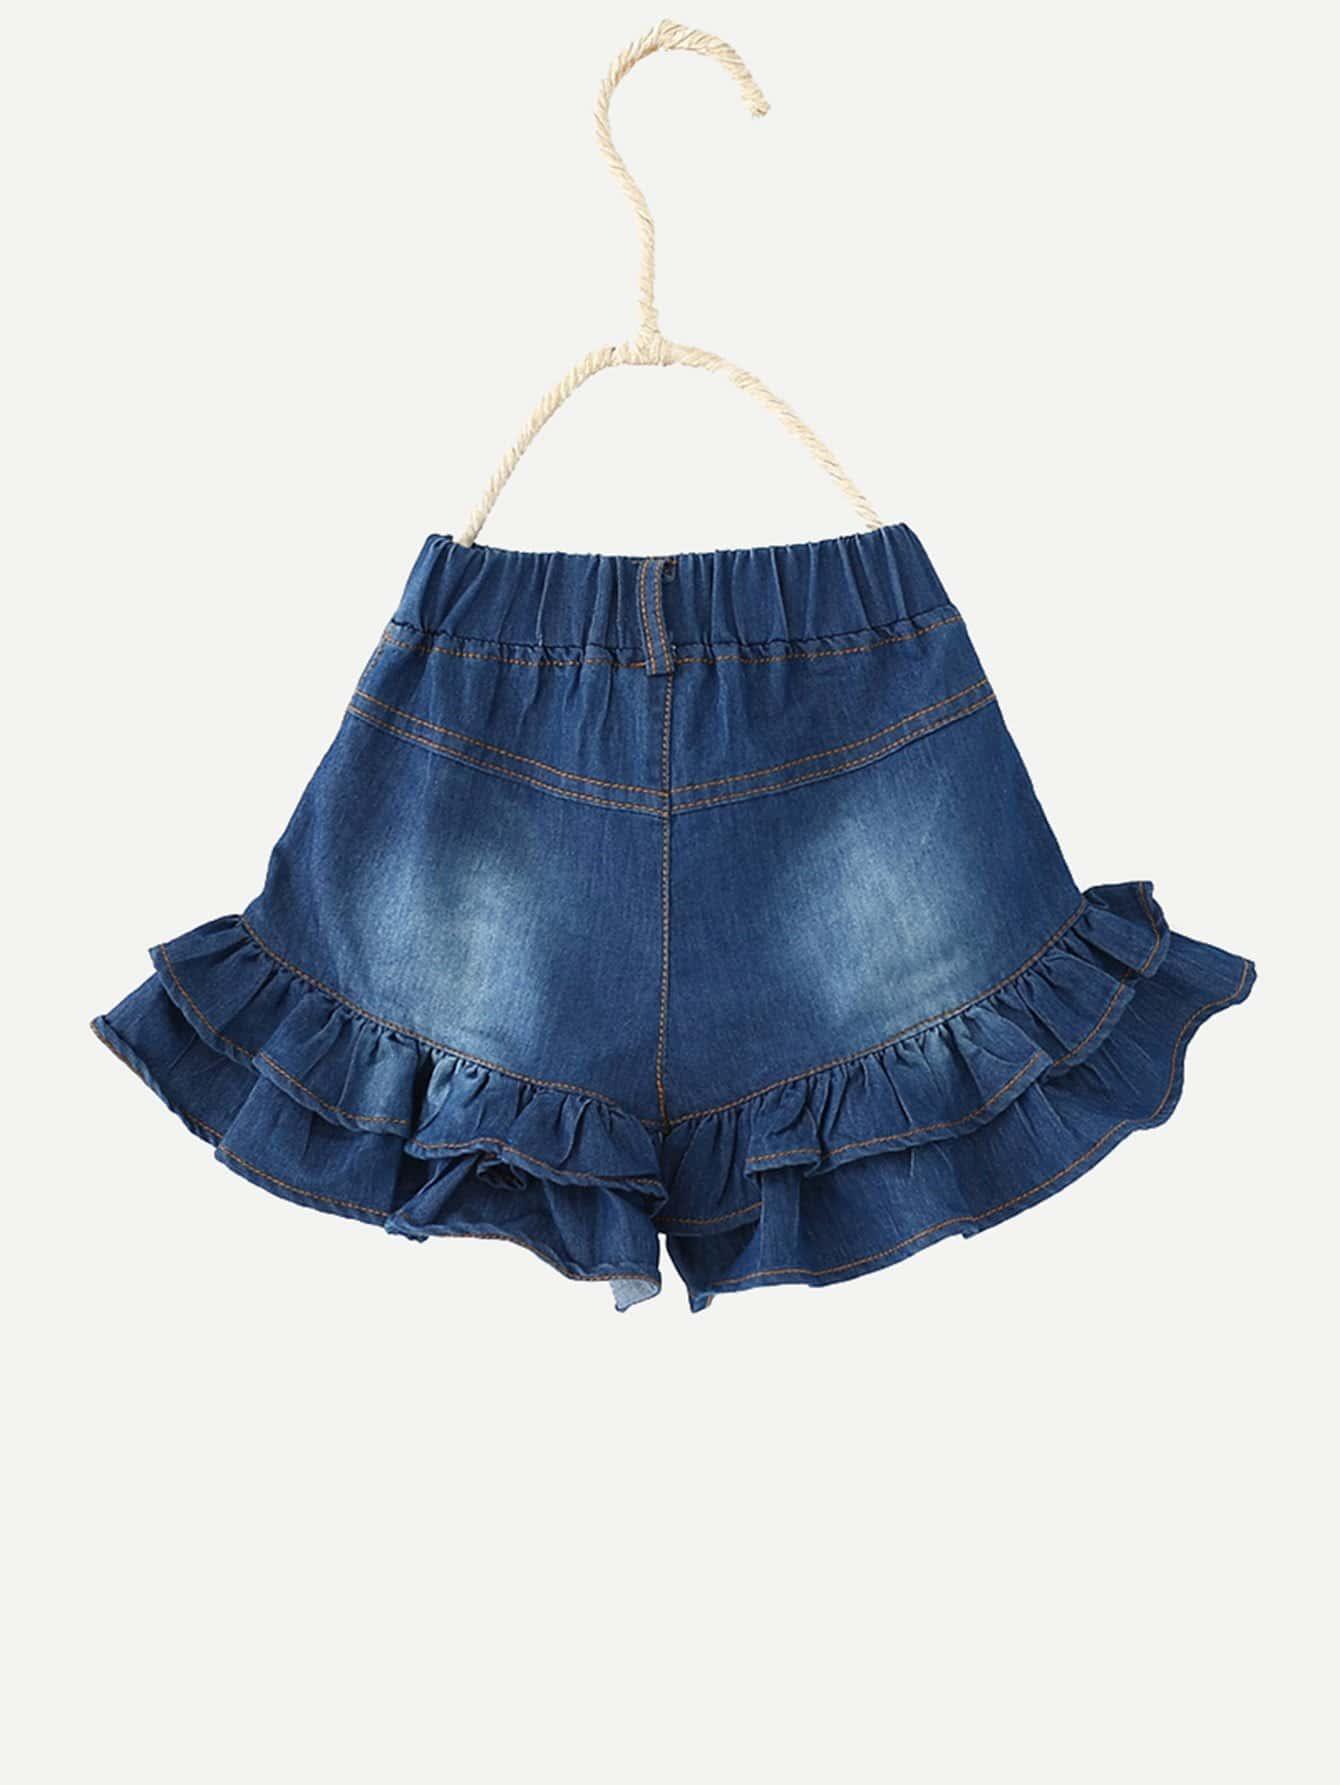 Купить Низ-оборка Синий Джинсовые изделия для девочек, null, SheIn